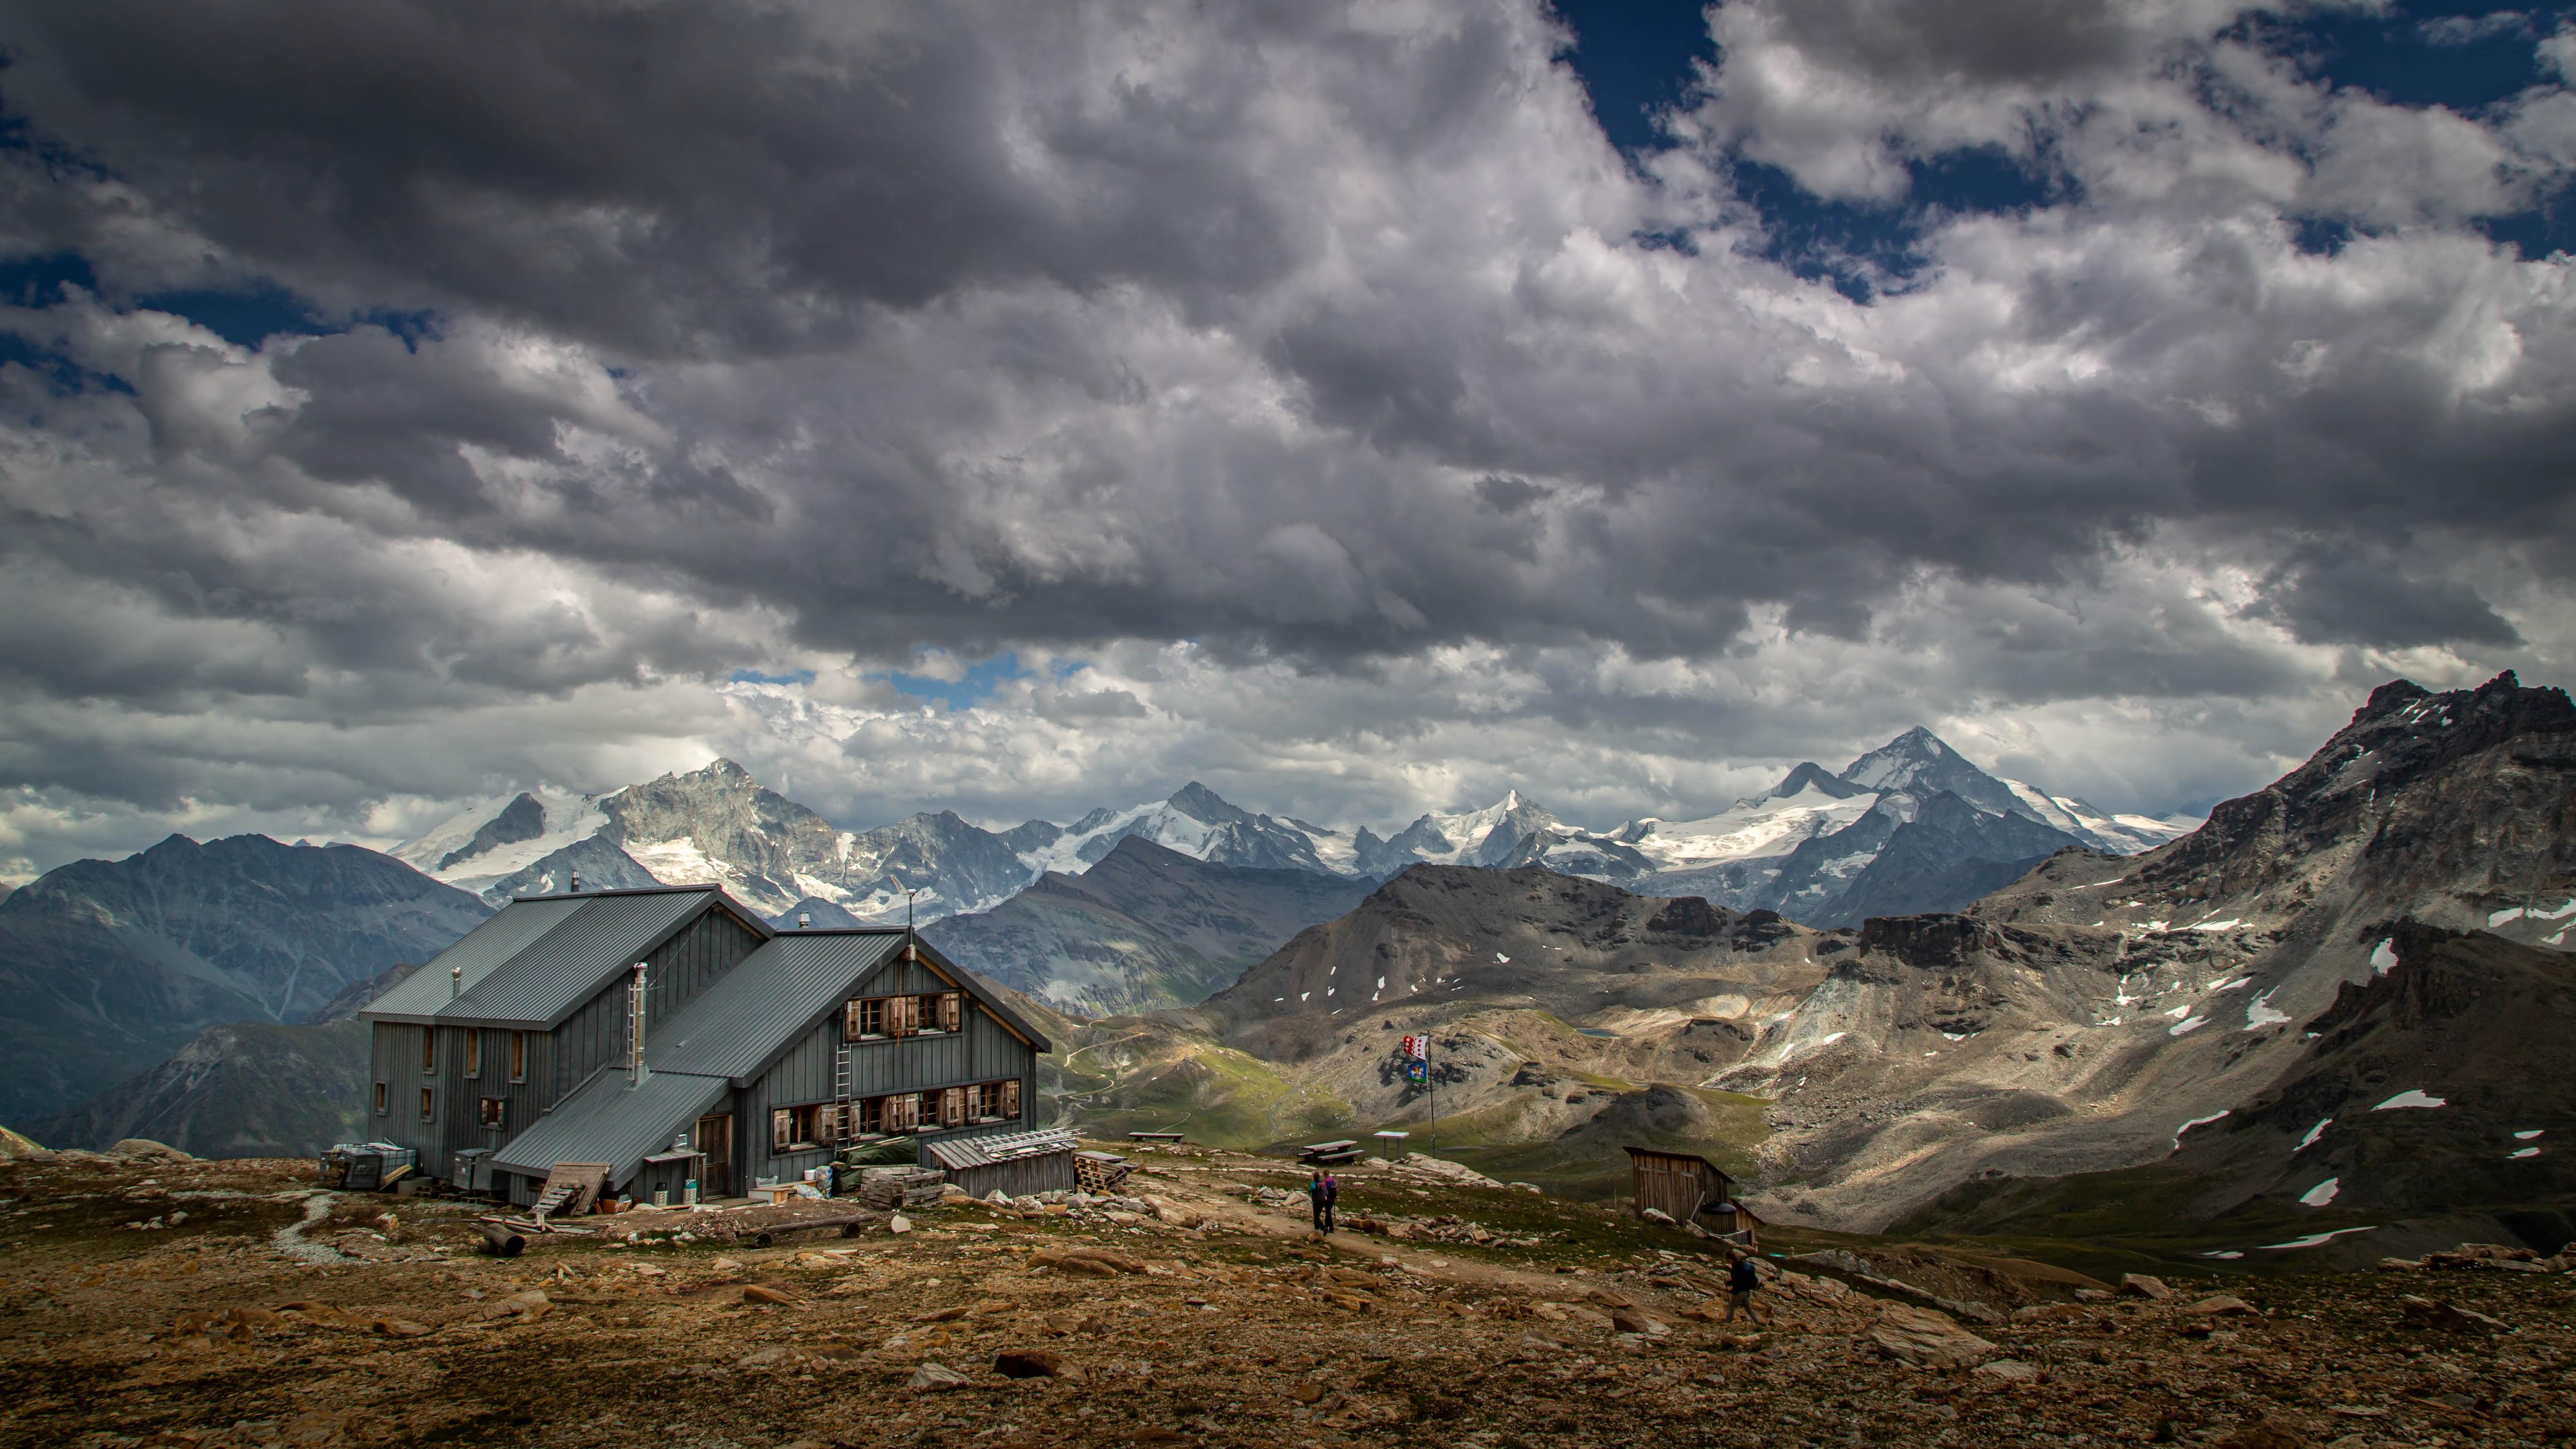 Les plus belles cabanes de montagne de Suisse - Cabane des Becs de Bosson à Saint-Martin, Valais